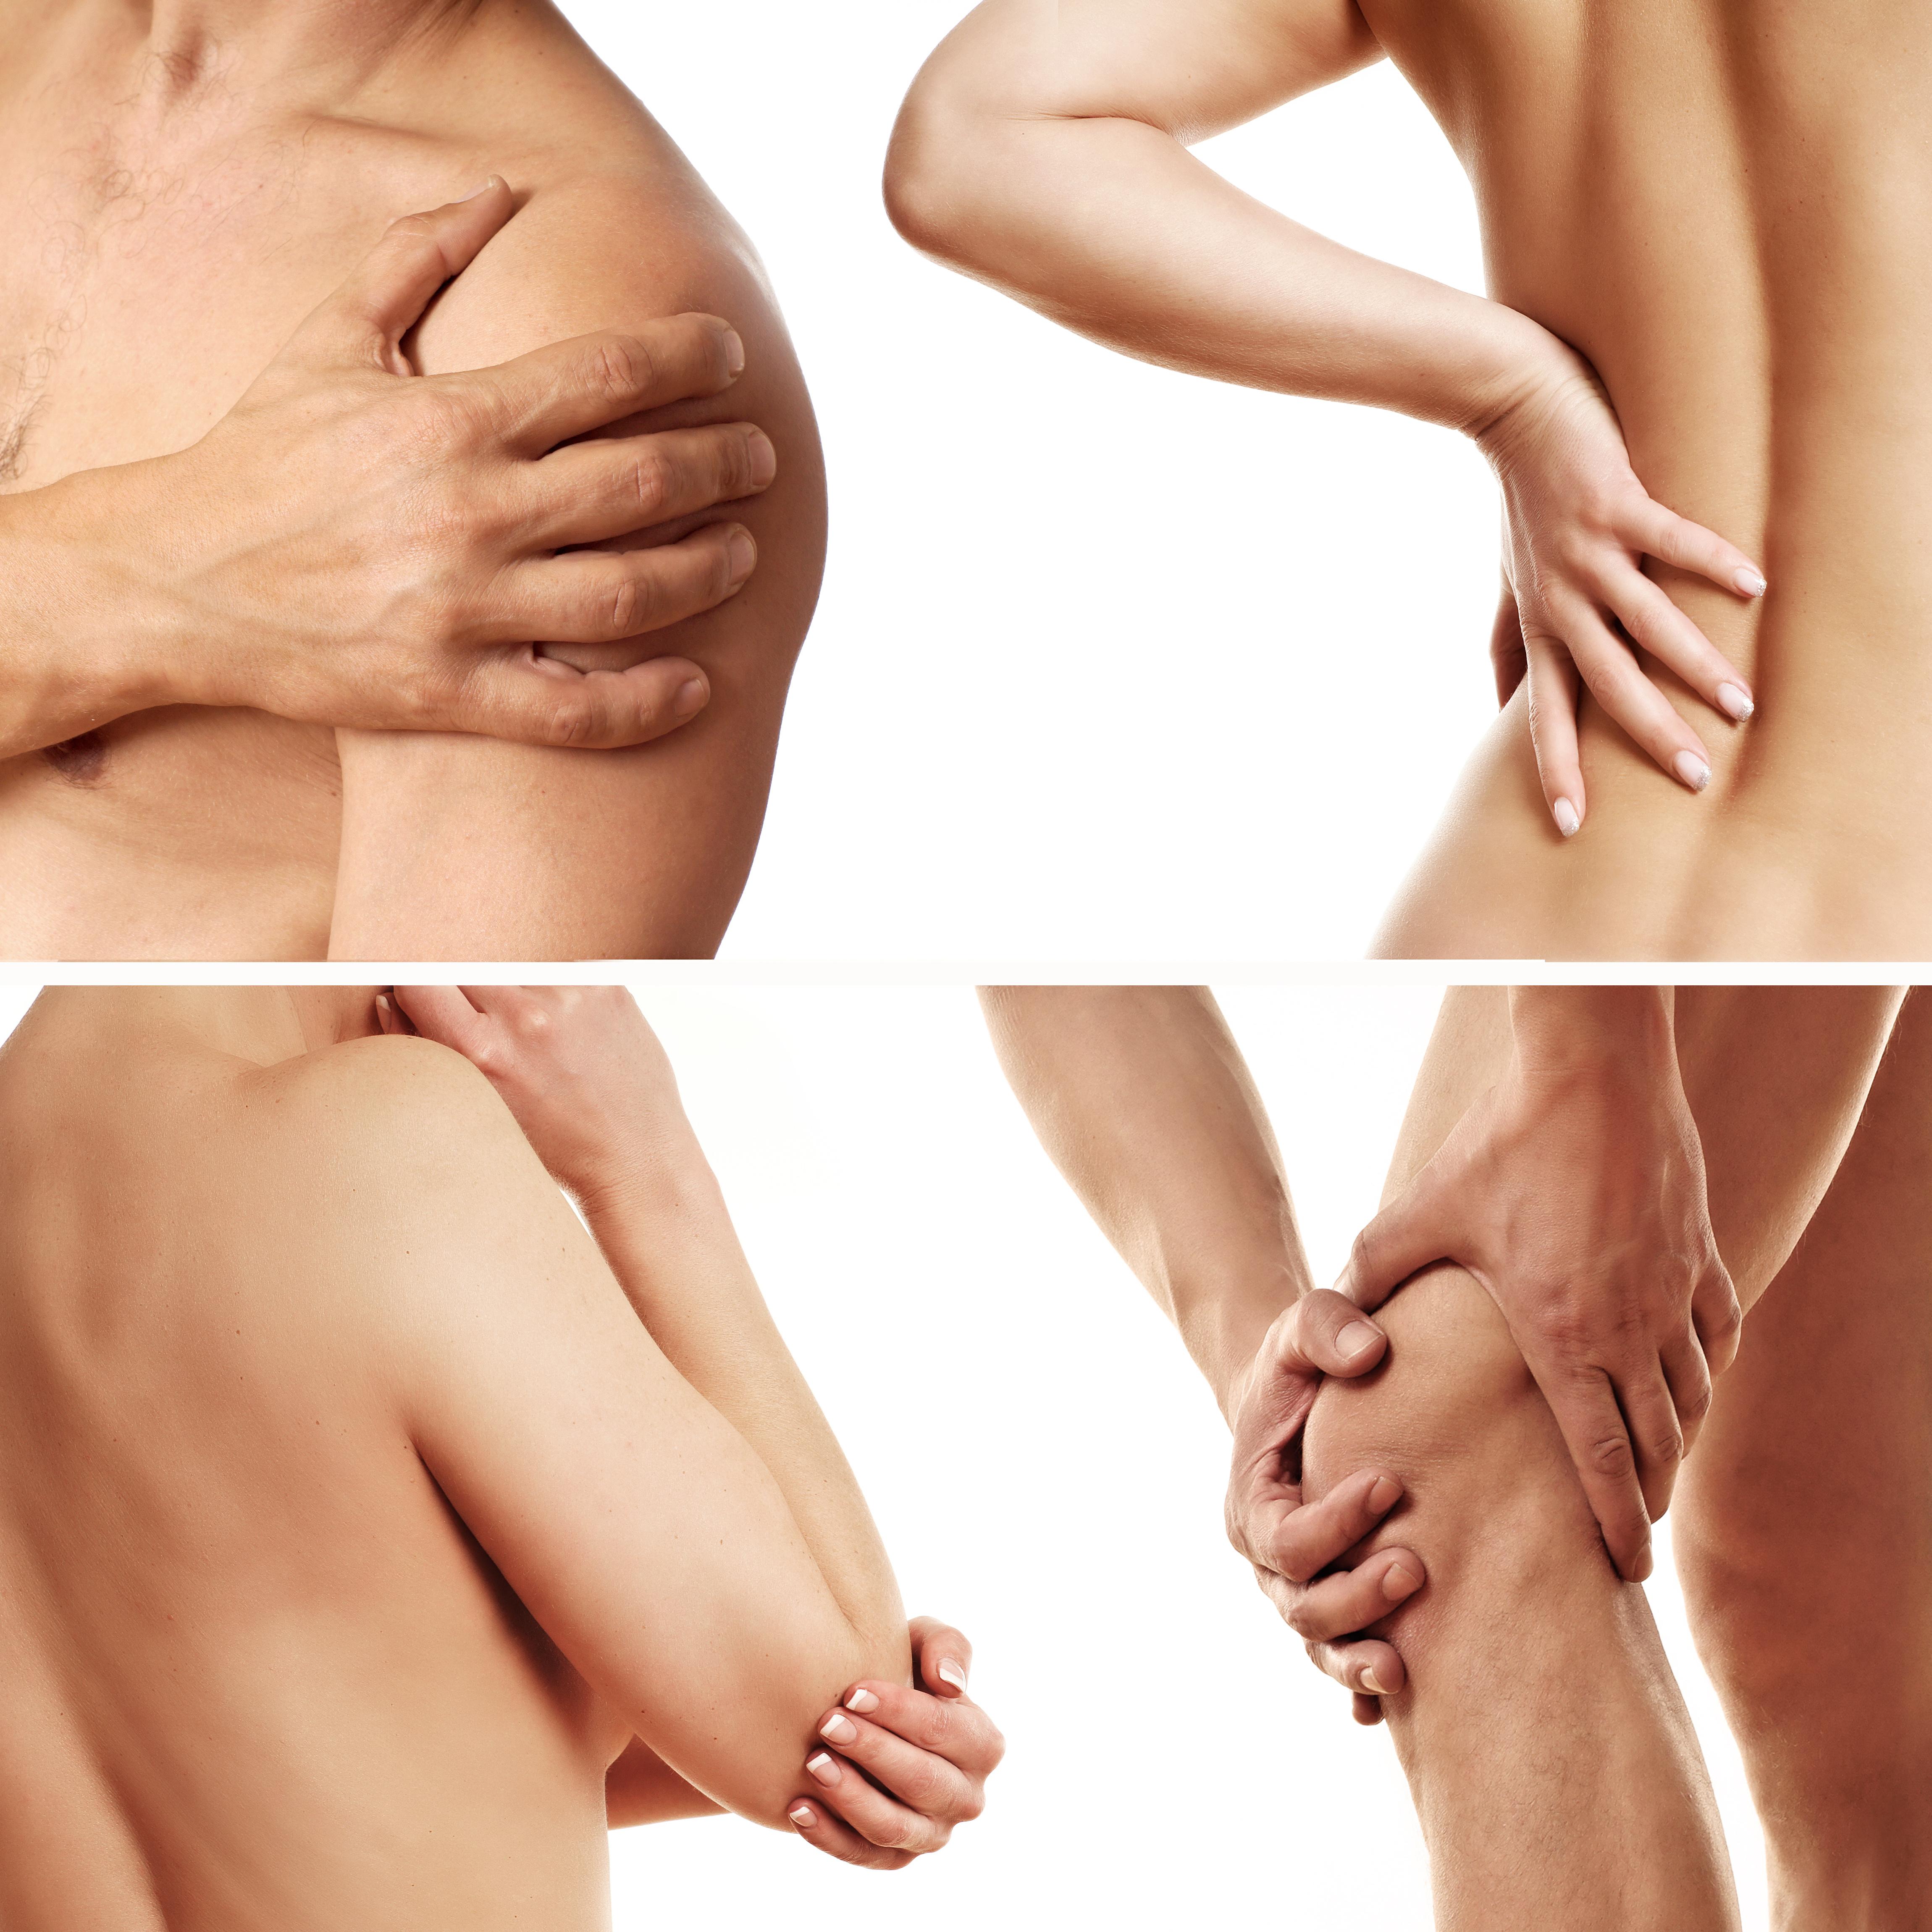 Hände fassen an schmerzende Gelenke Schulterschmerzen Rückenschmerzen EllbogenschmerzenKnieschmerzen Gelenkschmerzen